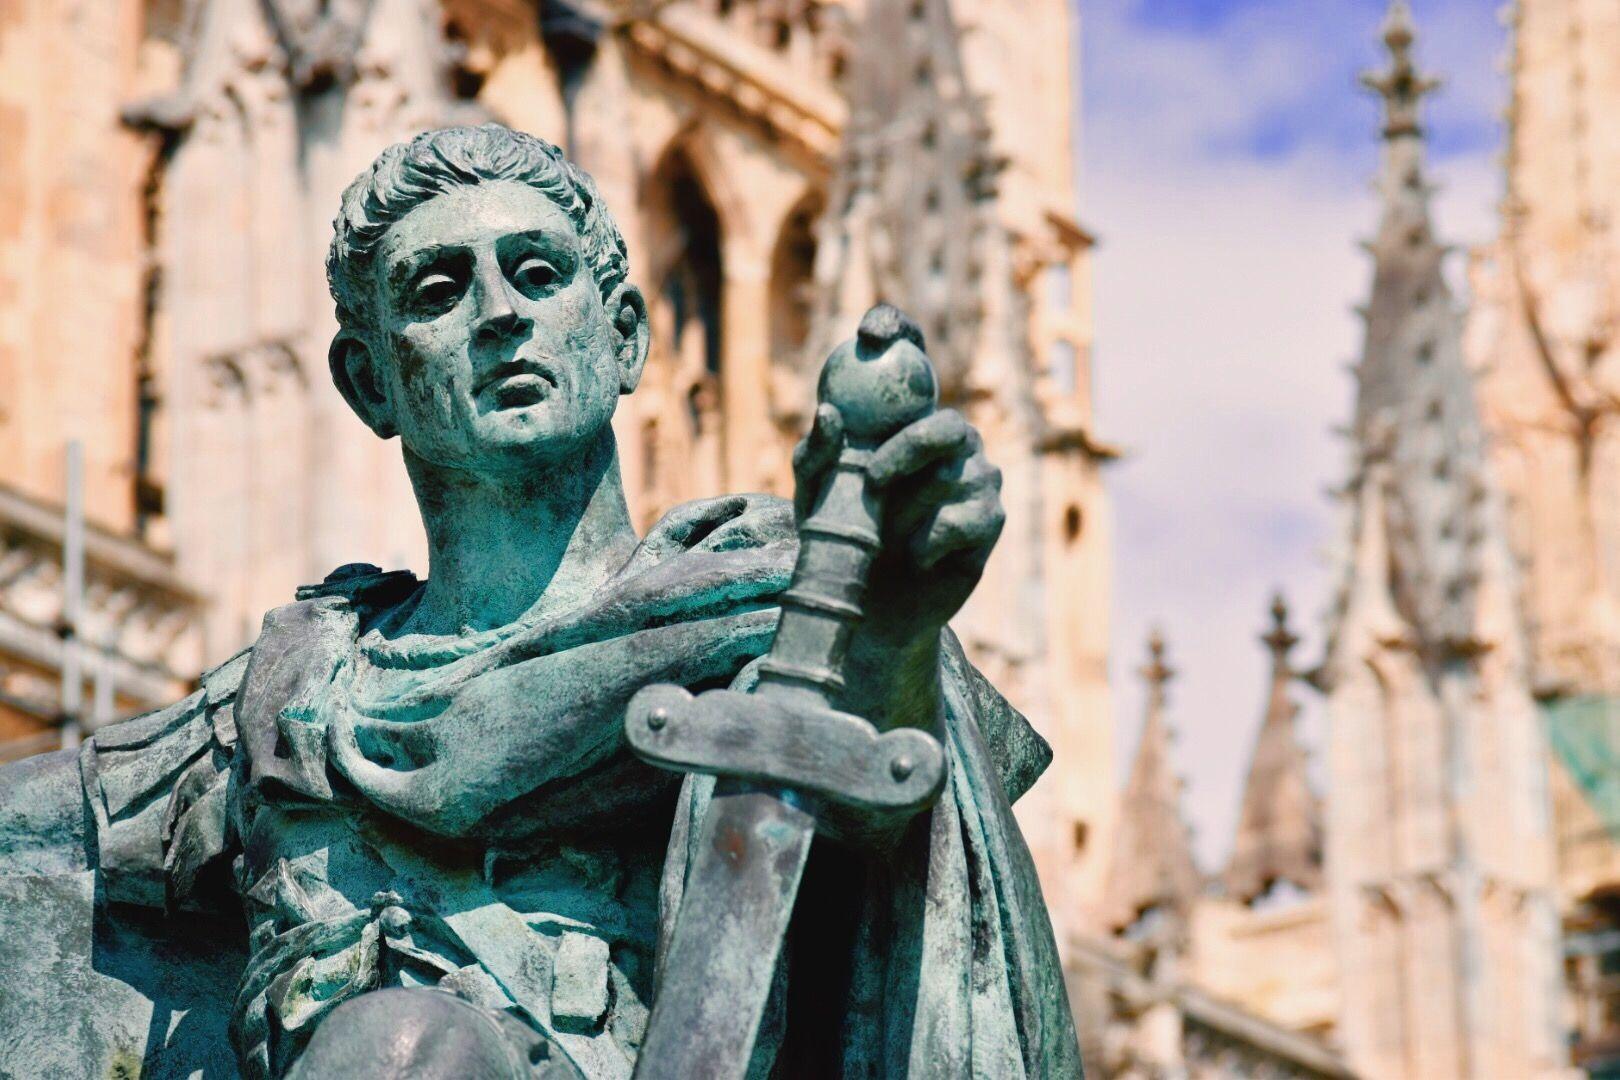 statue-of-emperor-constantine-outside-cathedral-575421217-589a0e313df78caebc1f4107